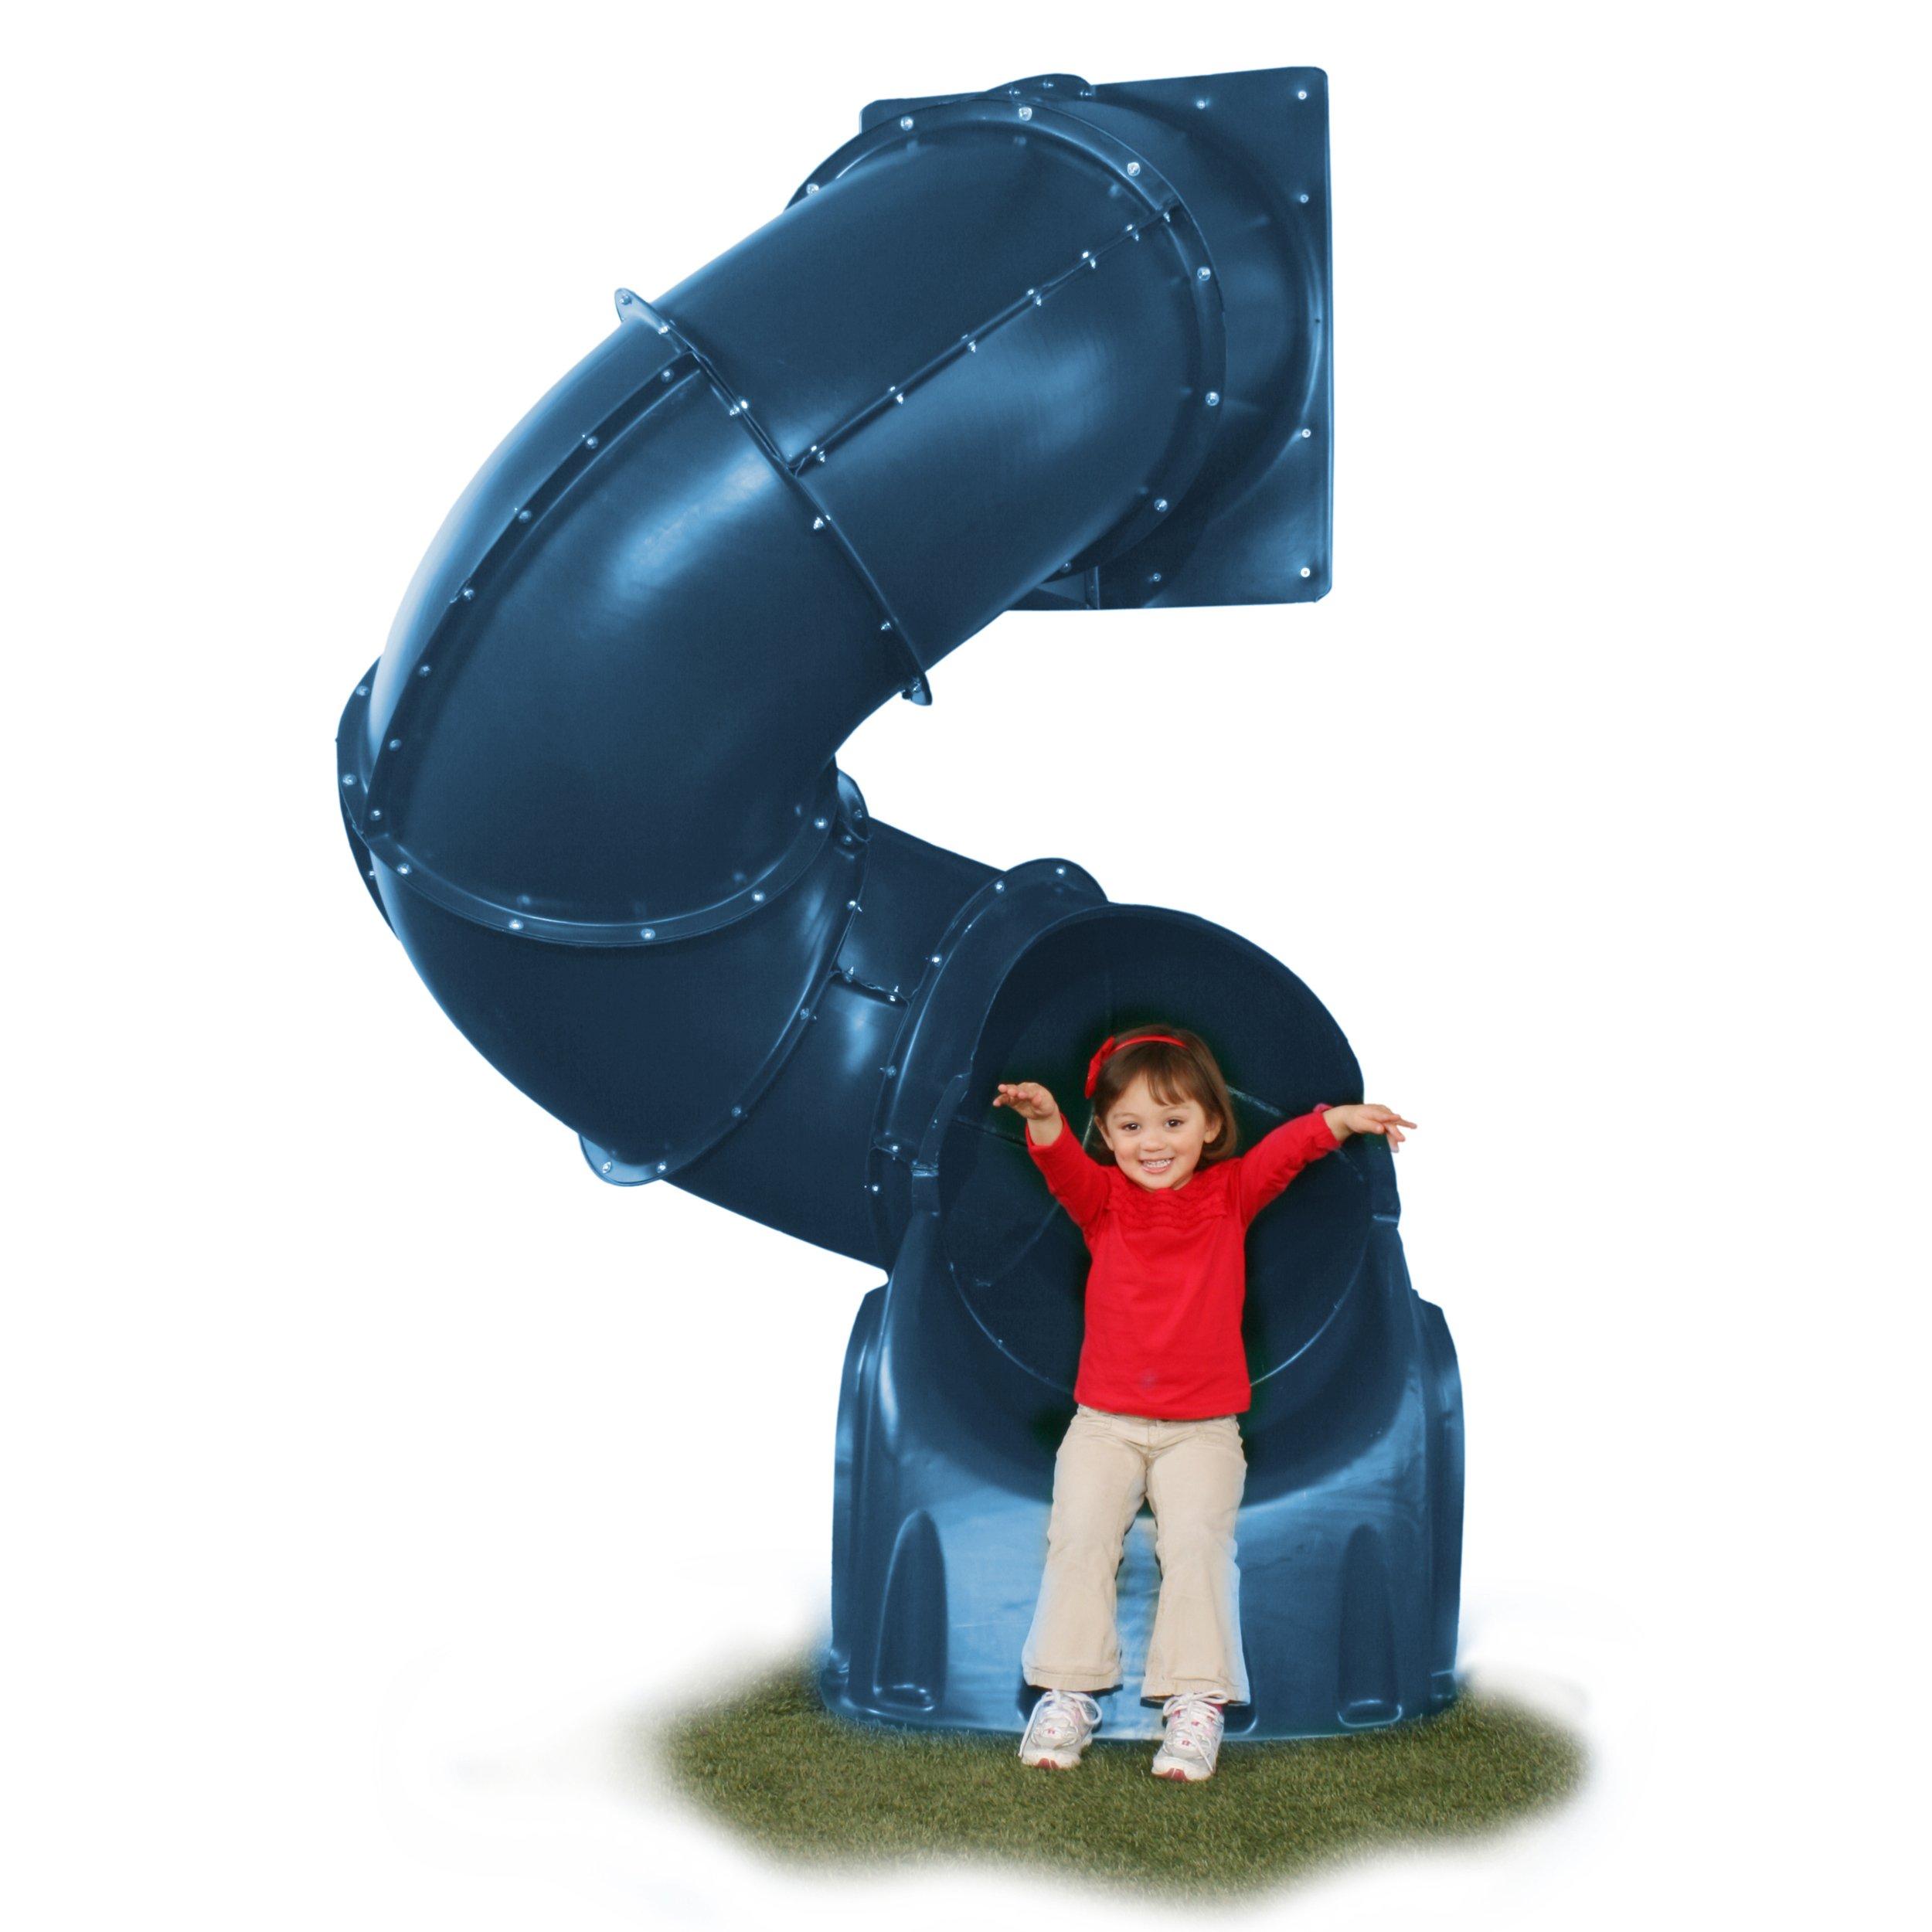 5 Ft Turbo Tube Slide, Blue by Swing-N-Slide (Image #1)